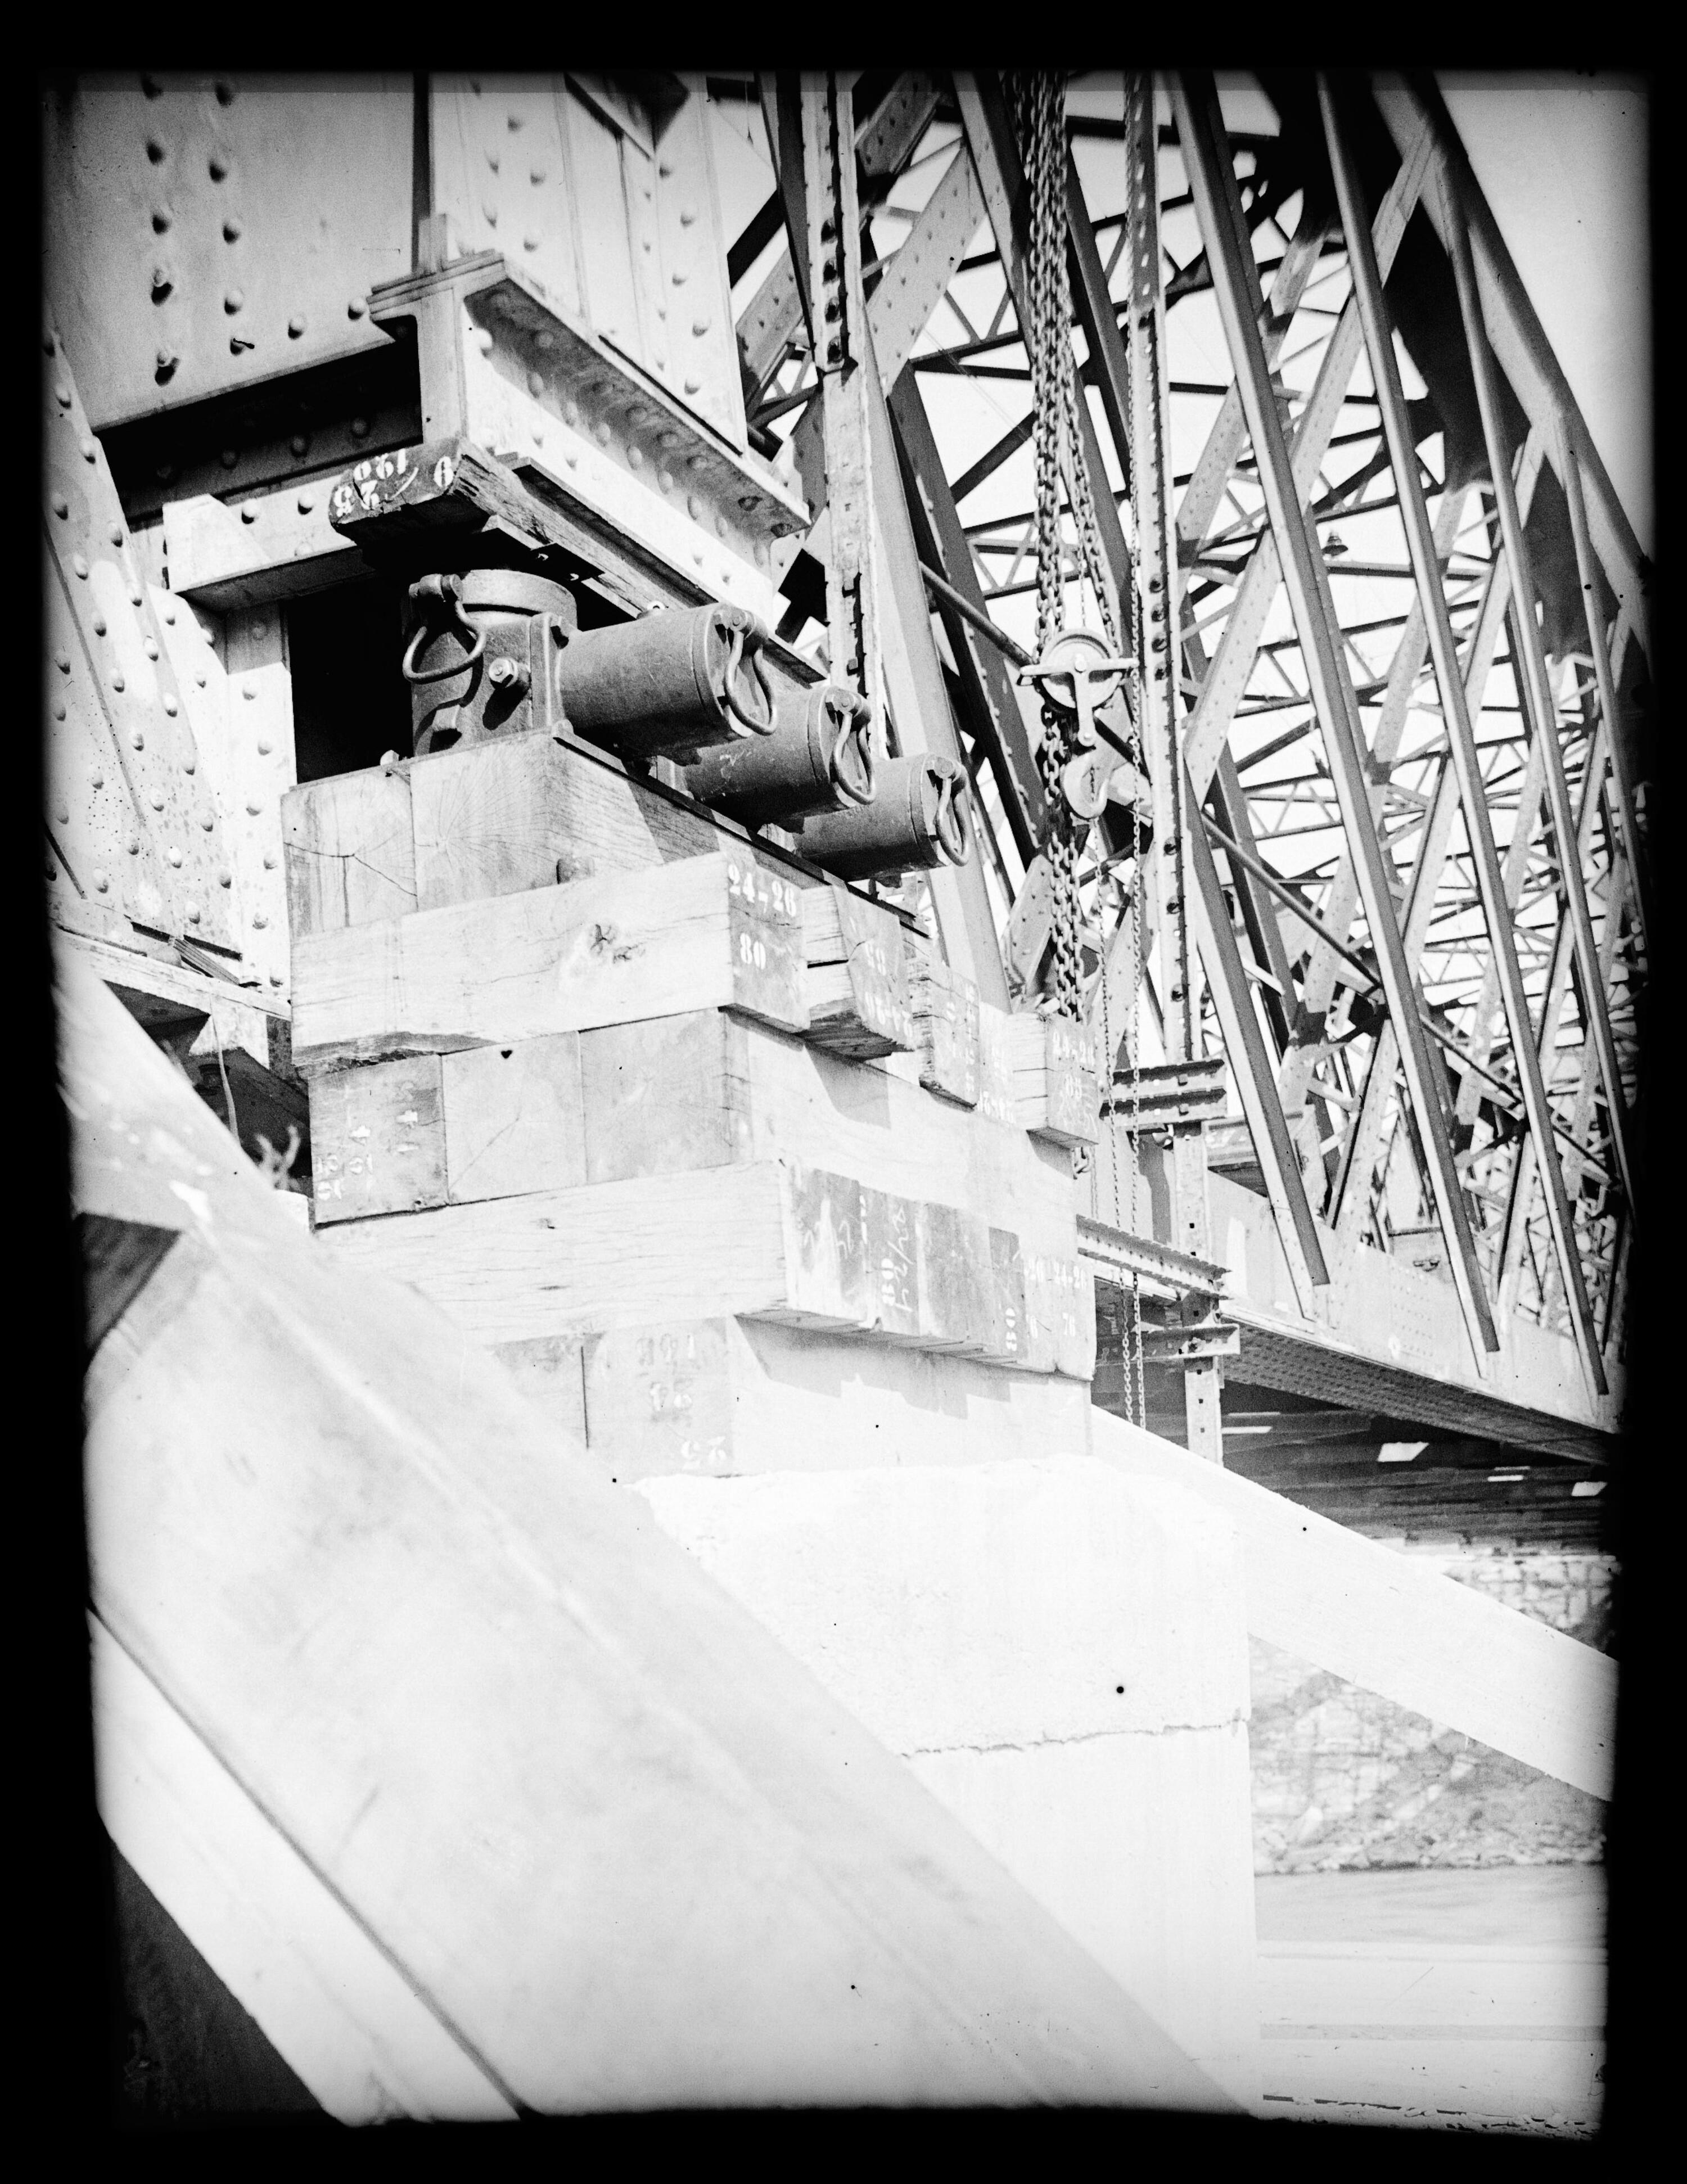 Anhebung der alten Rheinbrücke zwischen Schaan-Vaduz und Buchs SG im km 17,3 im Zuge der Erneuerung/Erhöhung der Widerlager 4 / Josef Wilhelm Purtscher von Purtscher, Josef Wilhelm